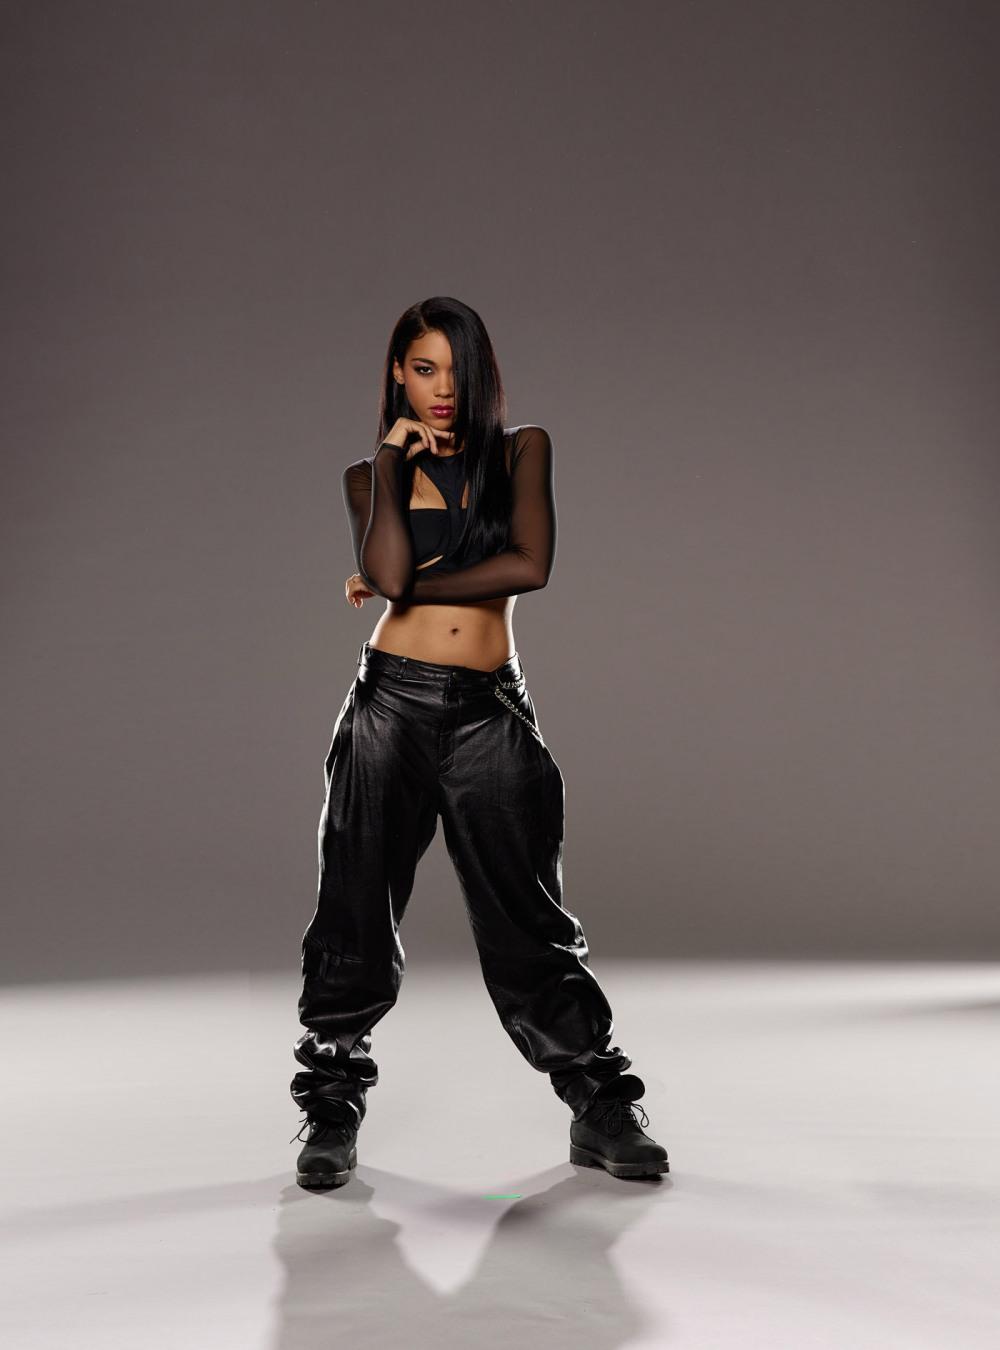 Alexandra-Shipp-as-Aaliyah-5